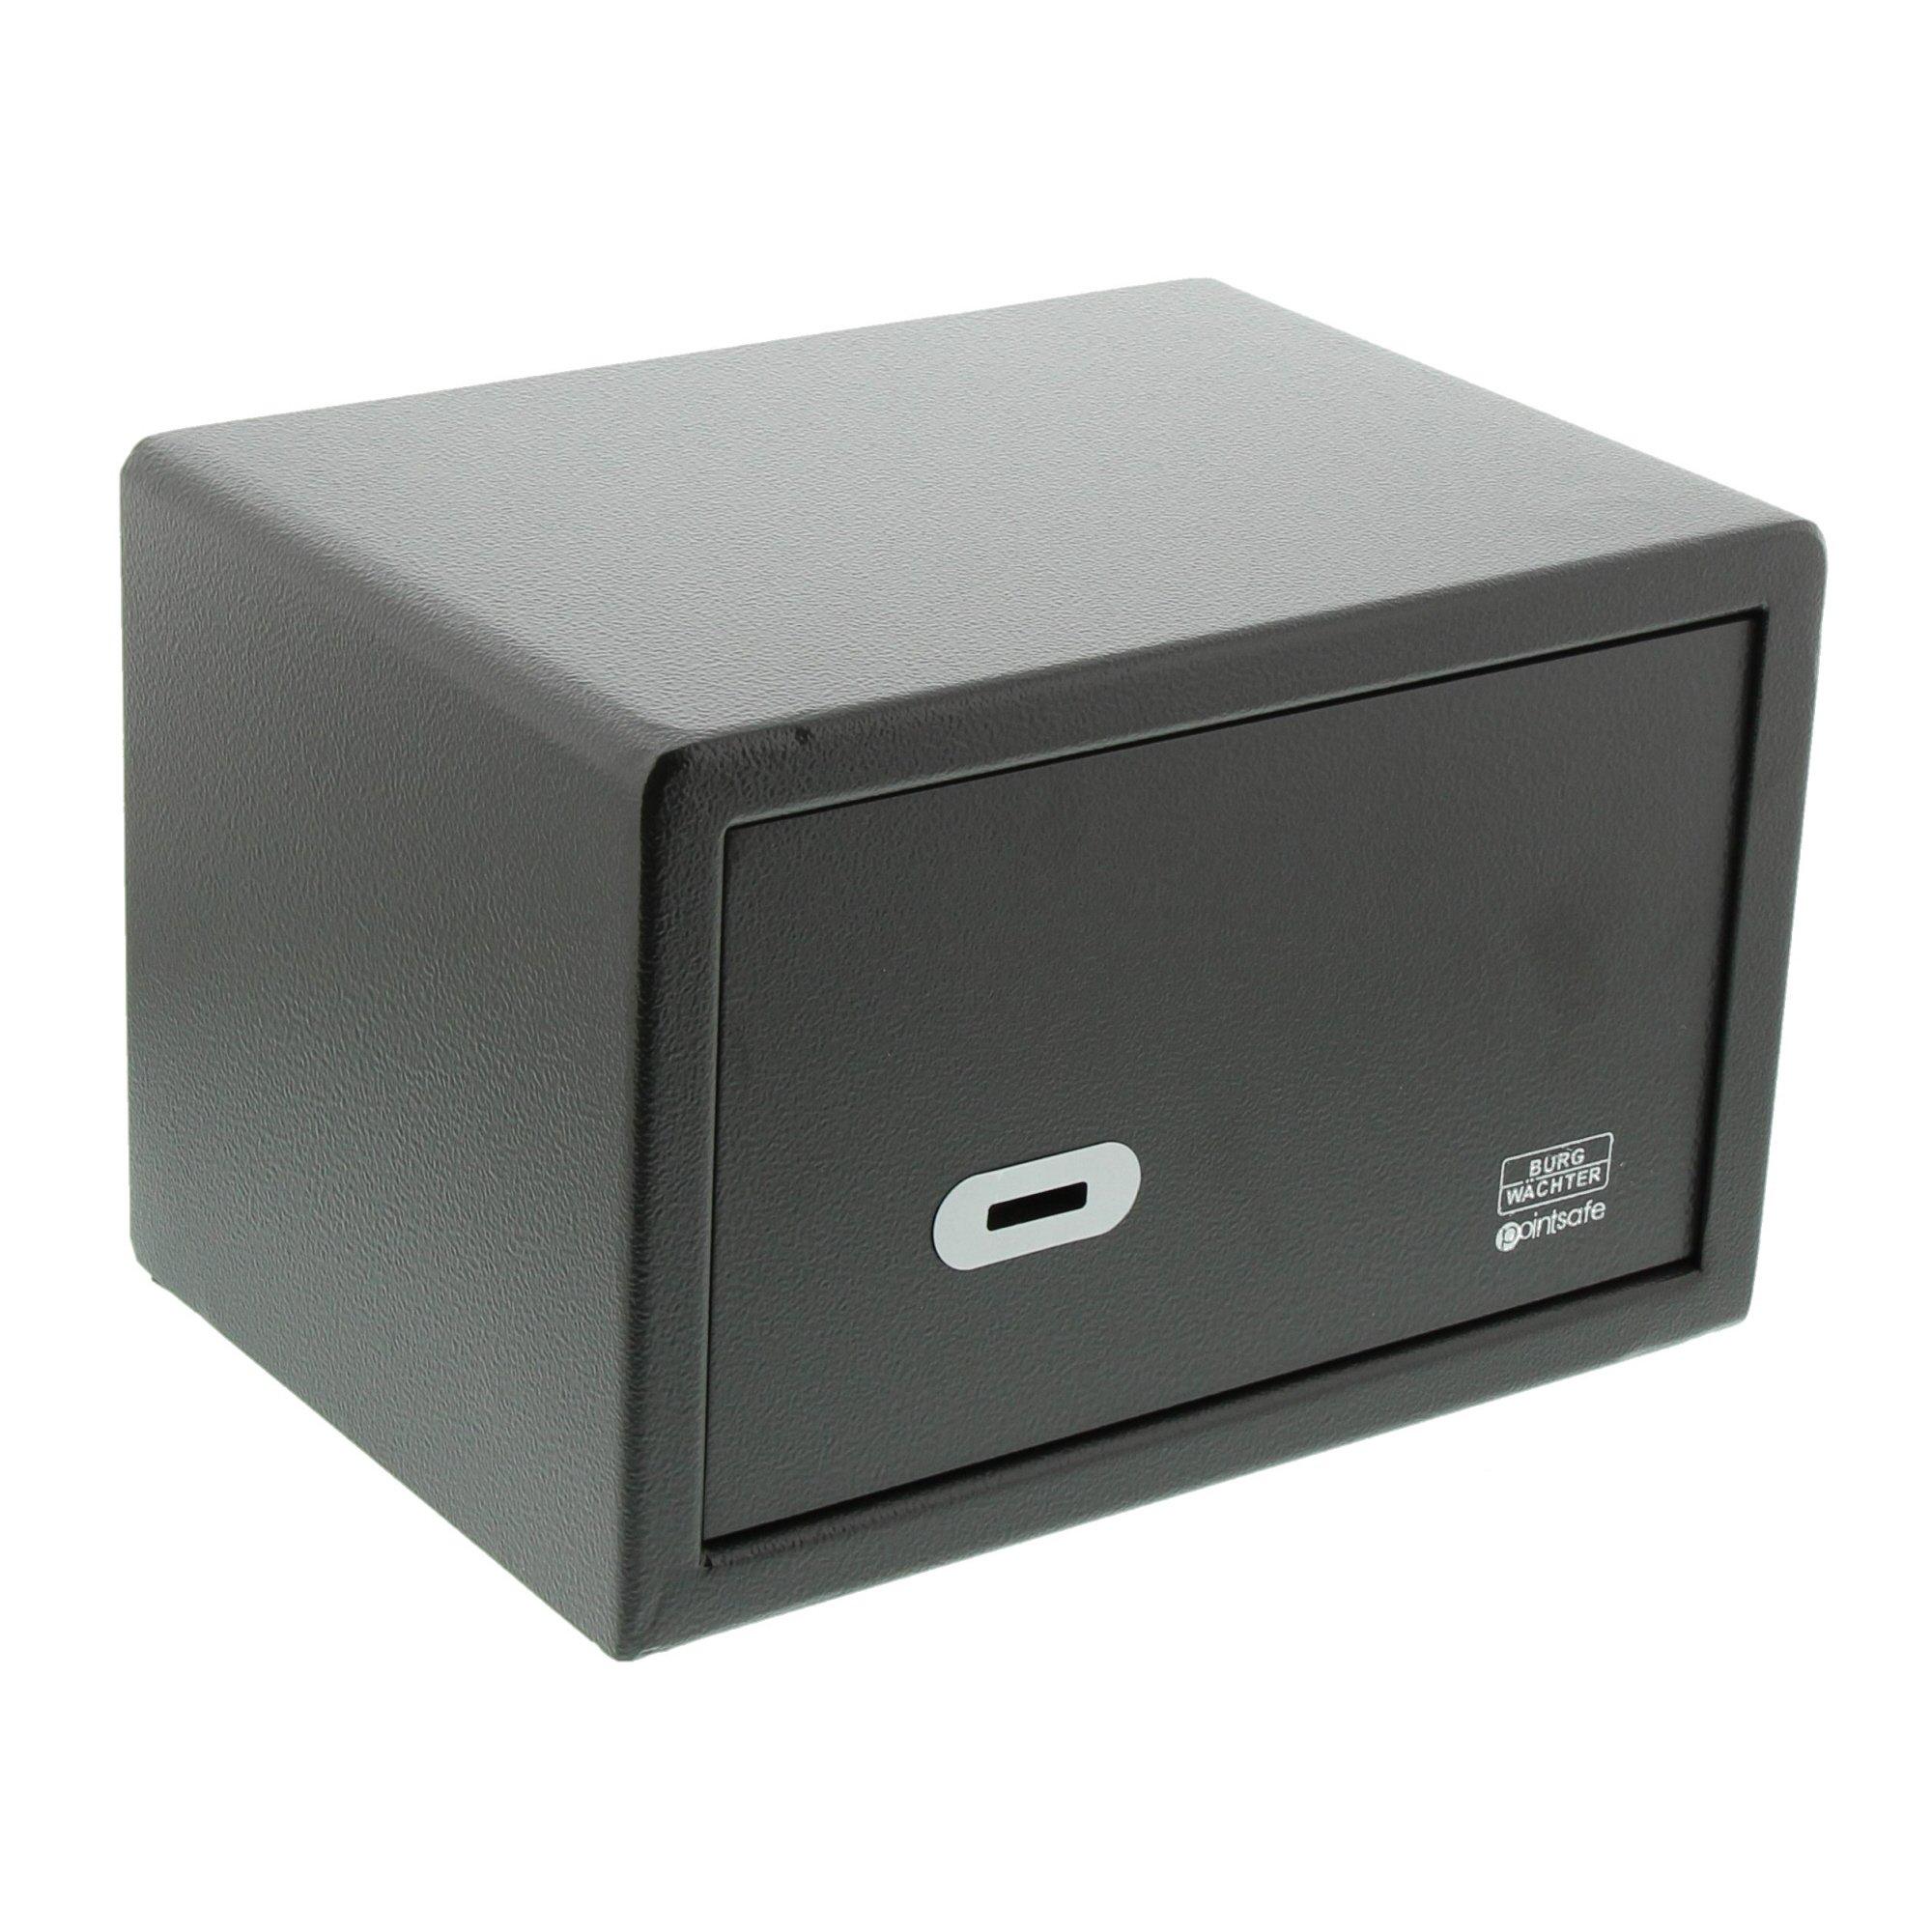 Burg-Wächter PointSafe P 1 S Caja Fuerte de Empotrar, Negro, 6,7 l: Amazon.es: Bricolaje y herramientas